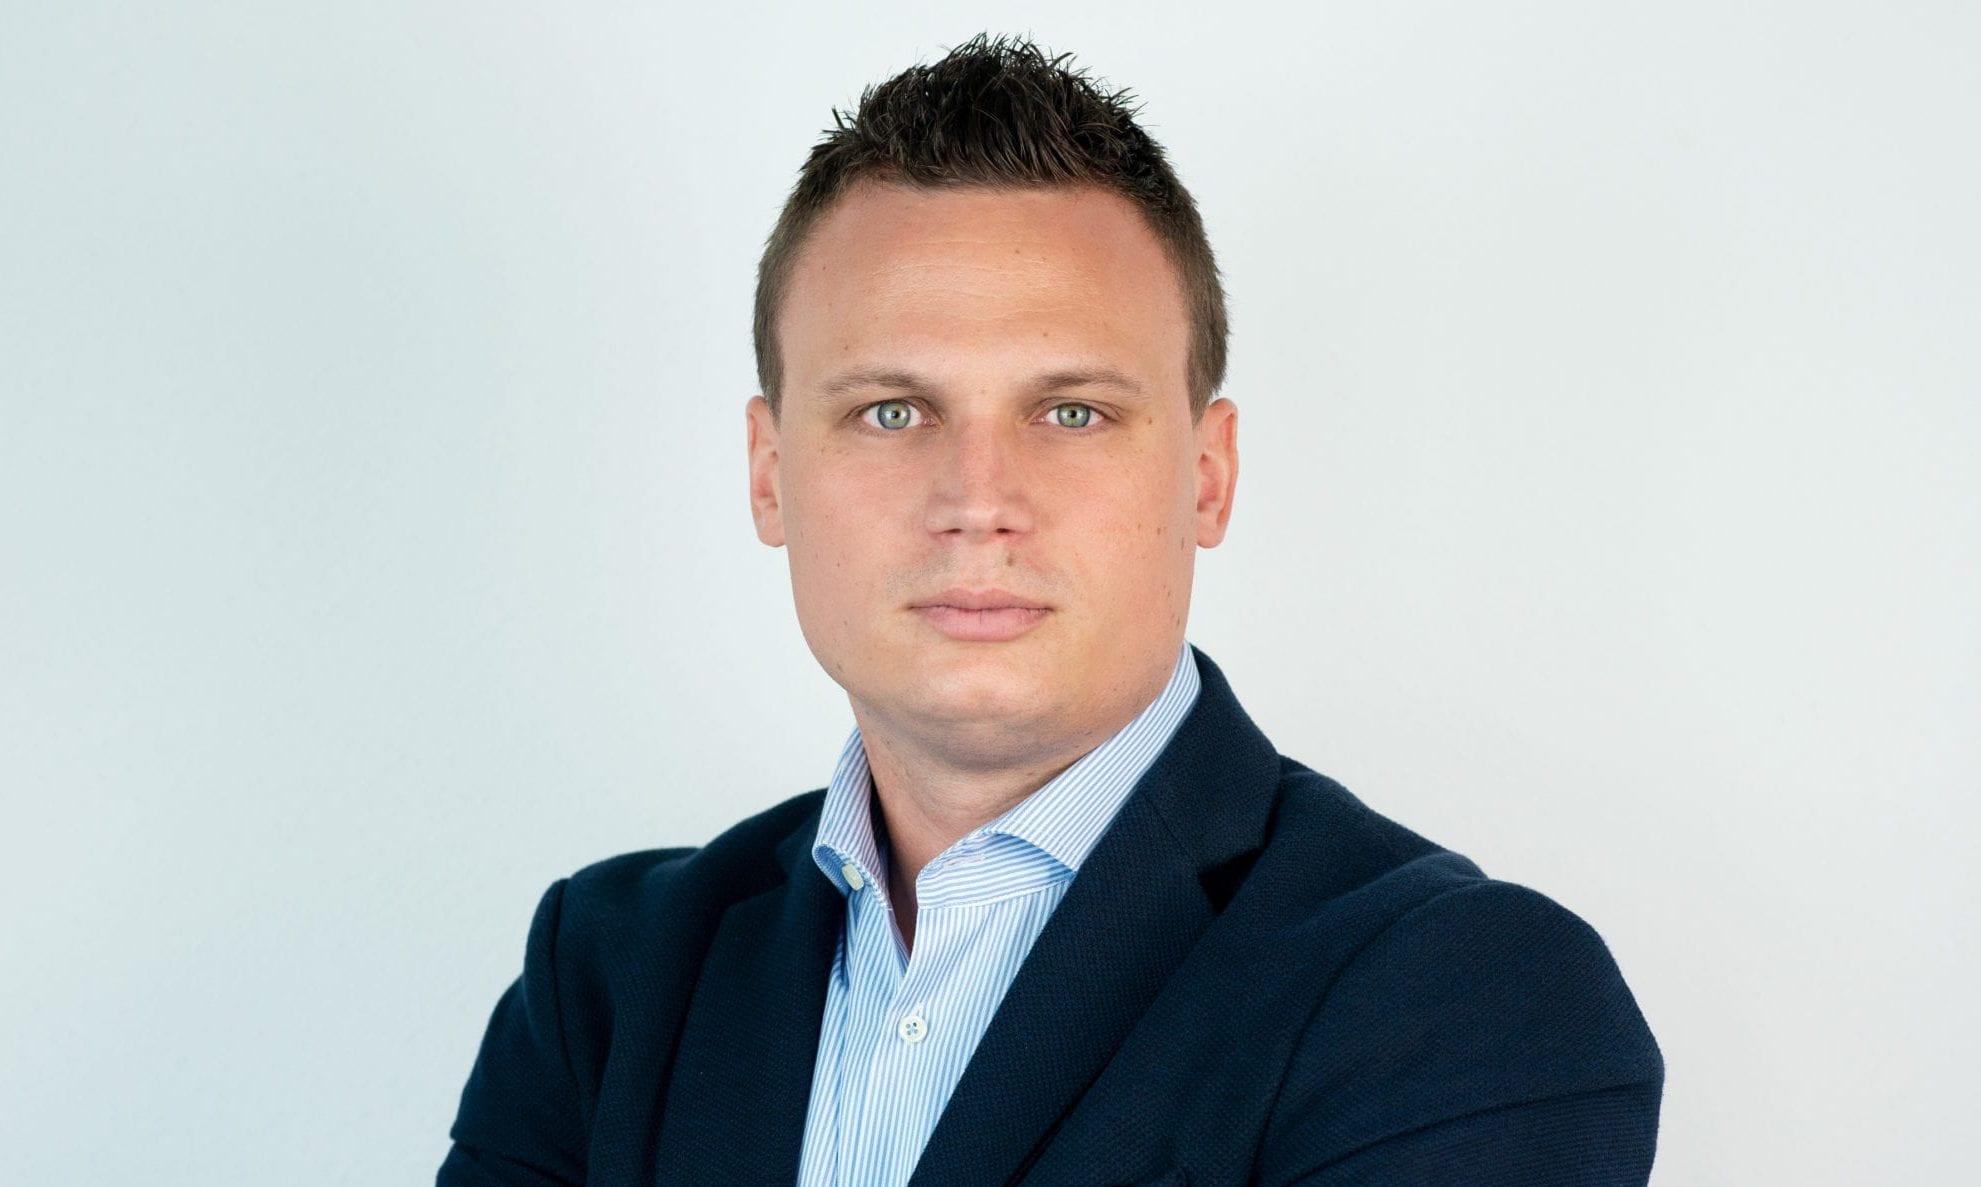 Andreas Bors